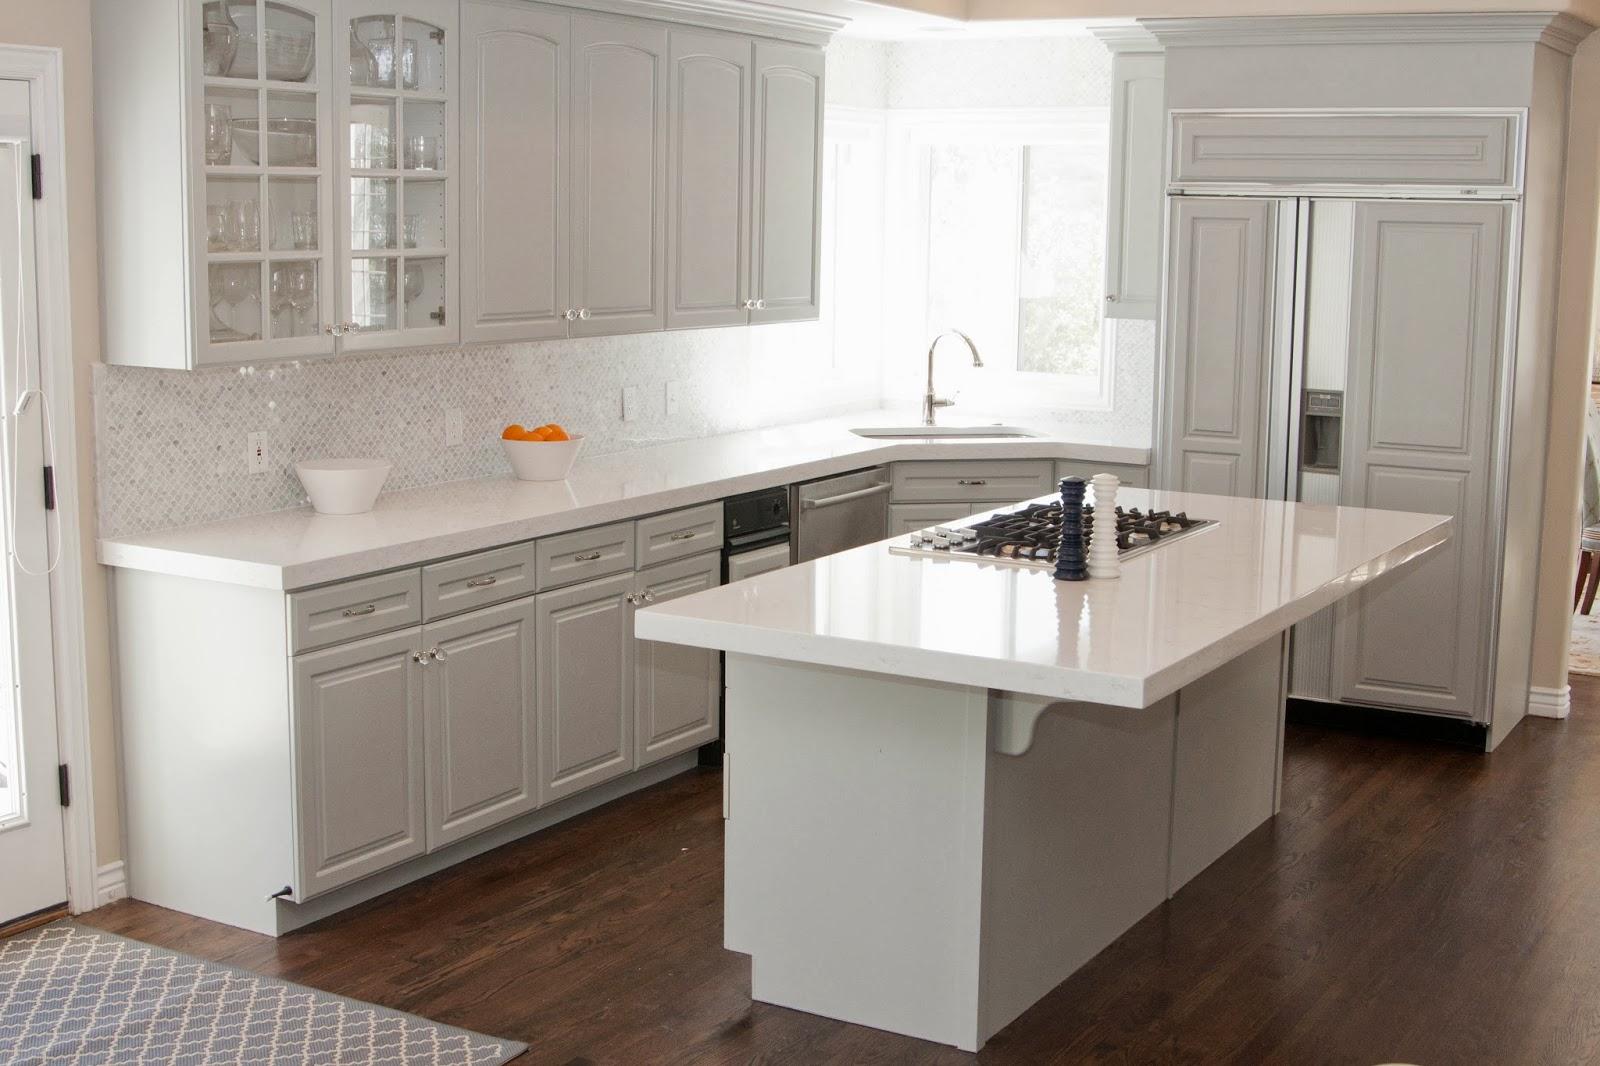 white kitchens countertops